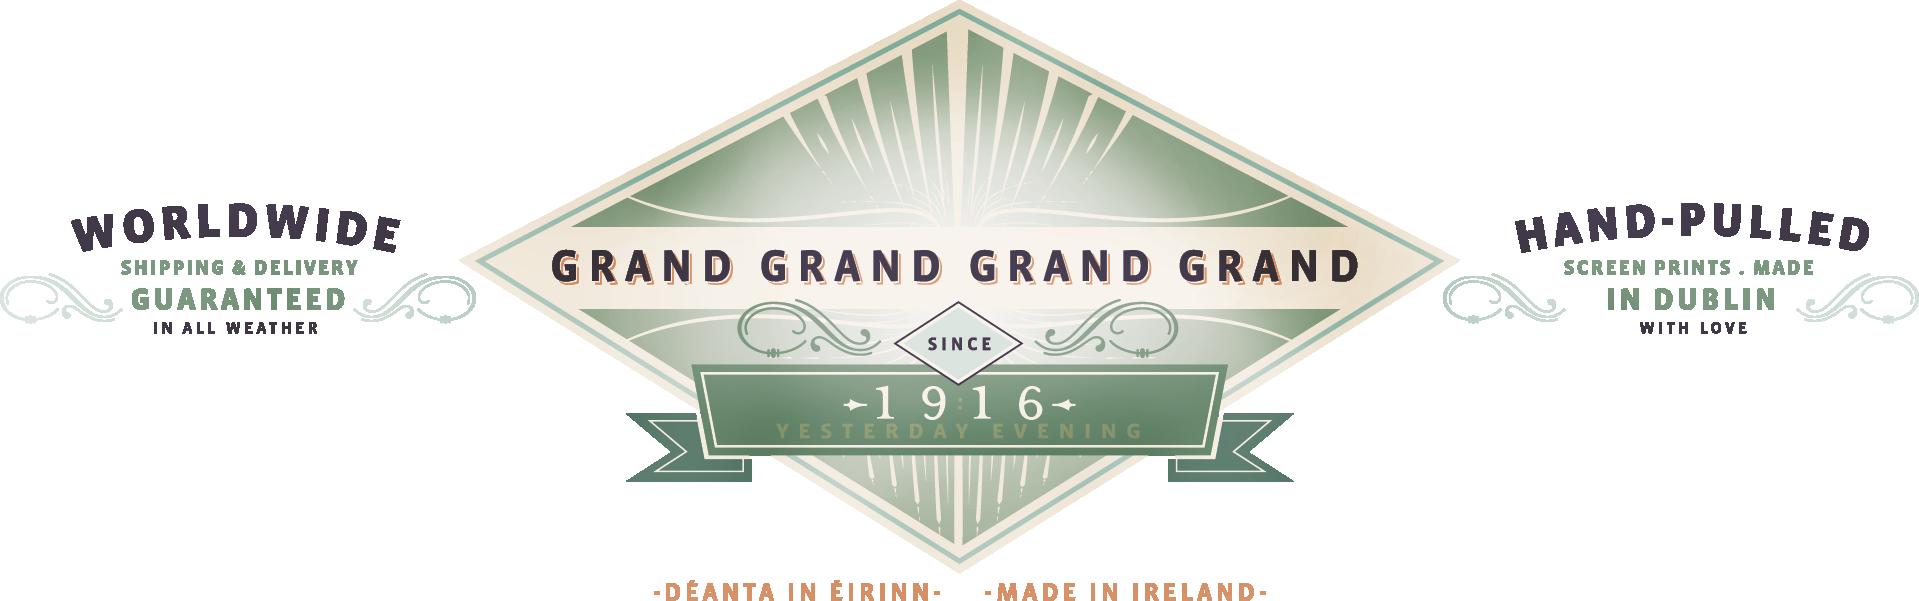 Grand Grand